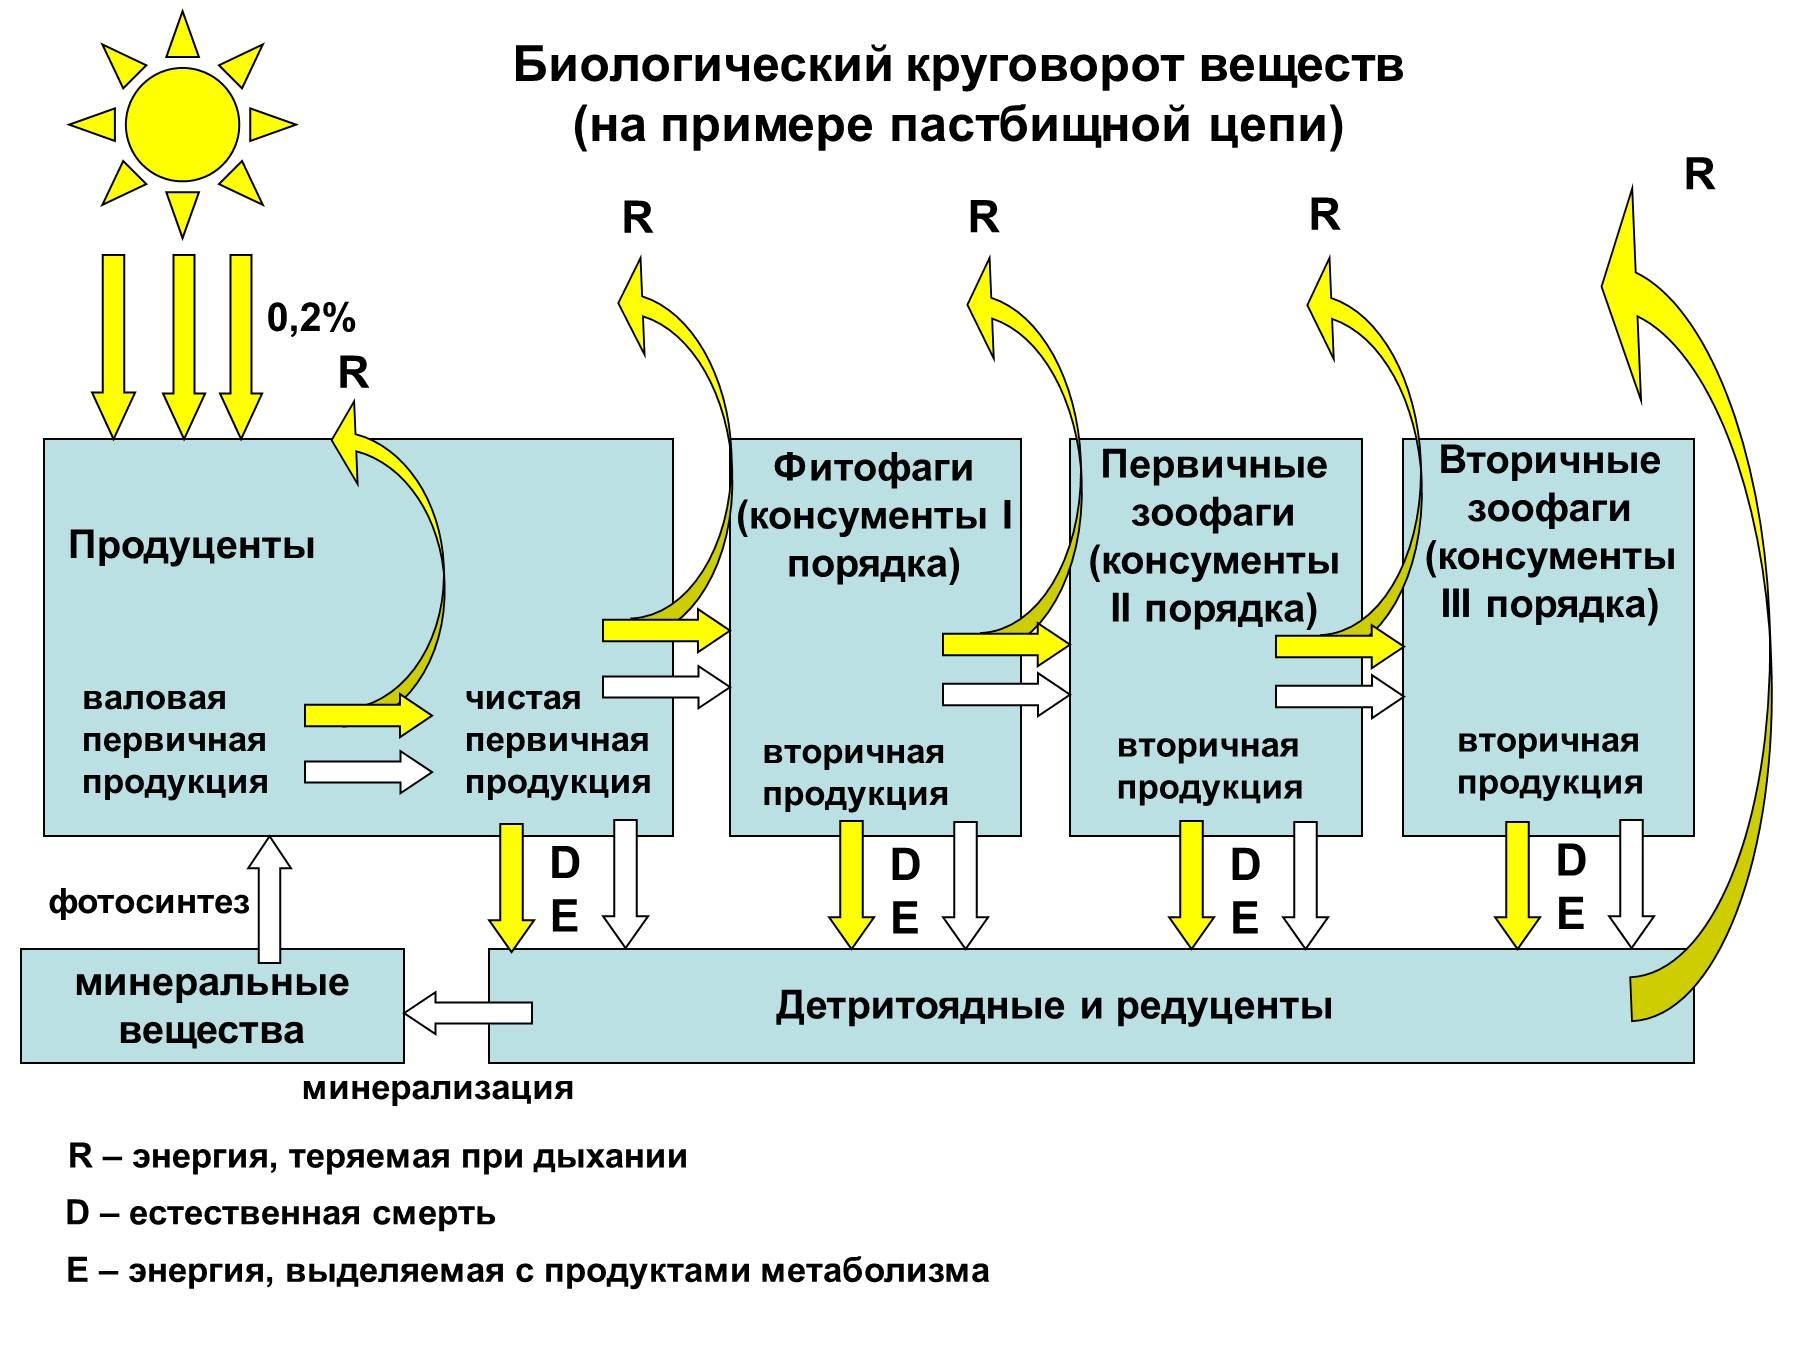 Практическая работа составление схем передачи веществ и энергии 11 класс